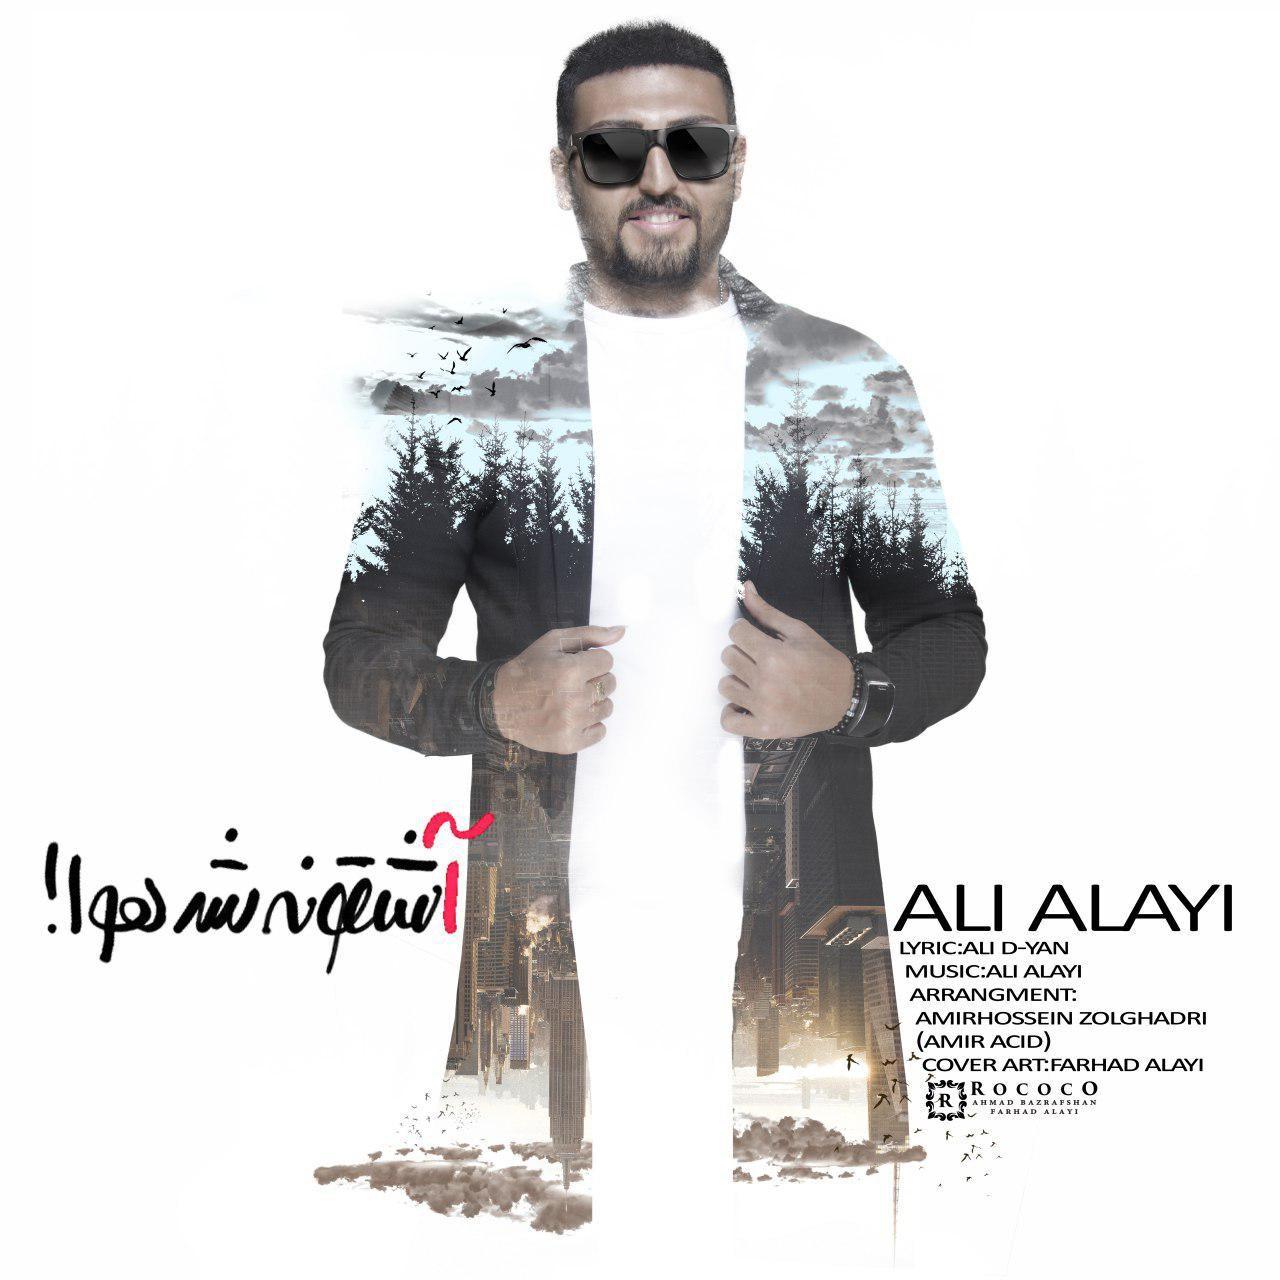 Ali Alayi – Asheghoone Shod Hava